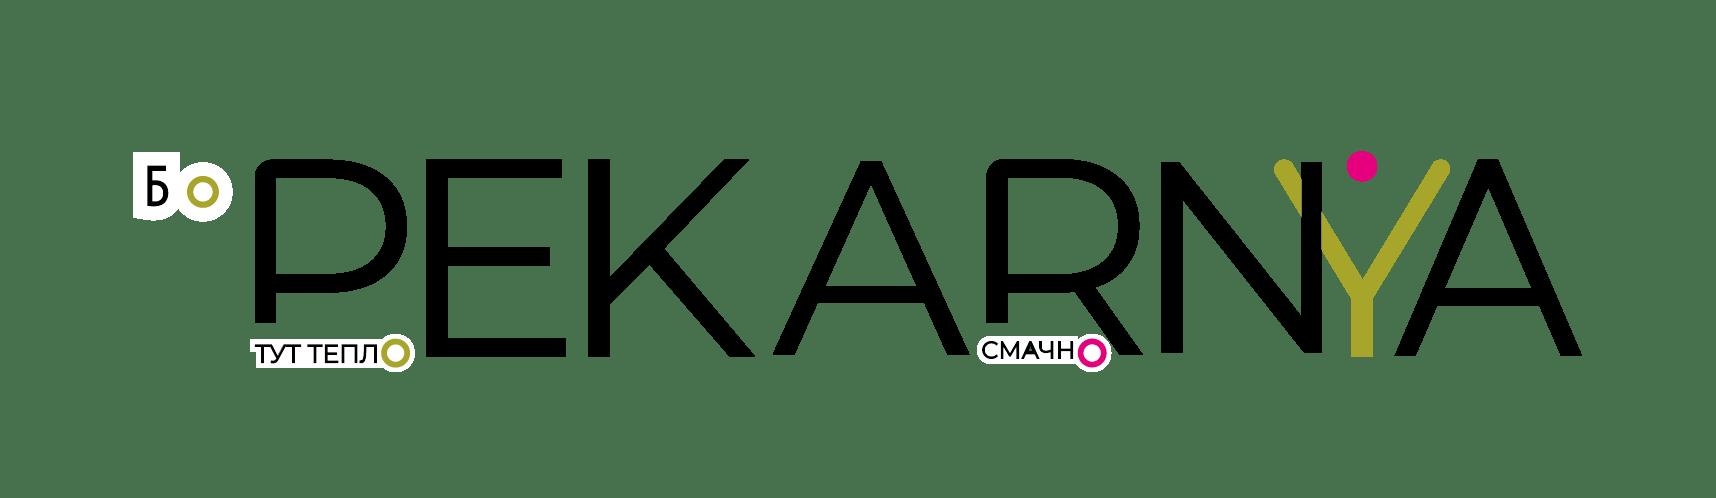 Pekarnya - kiev.karavan.com.ua